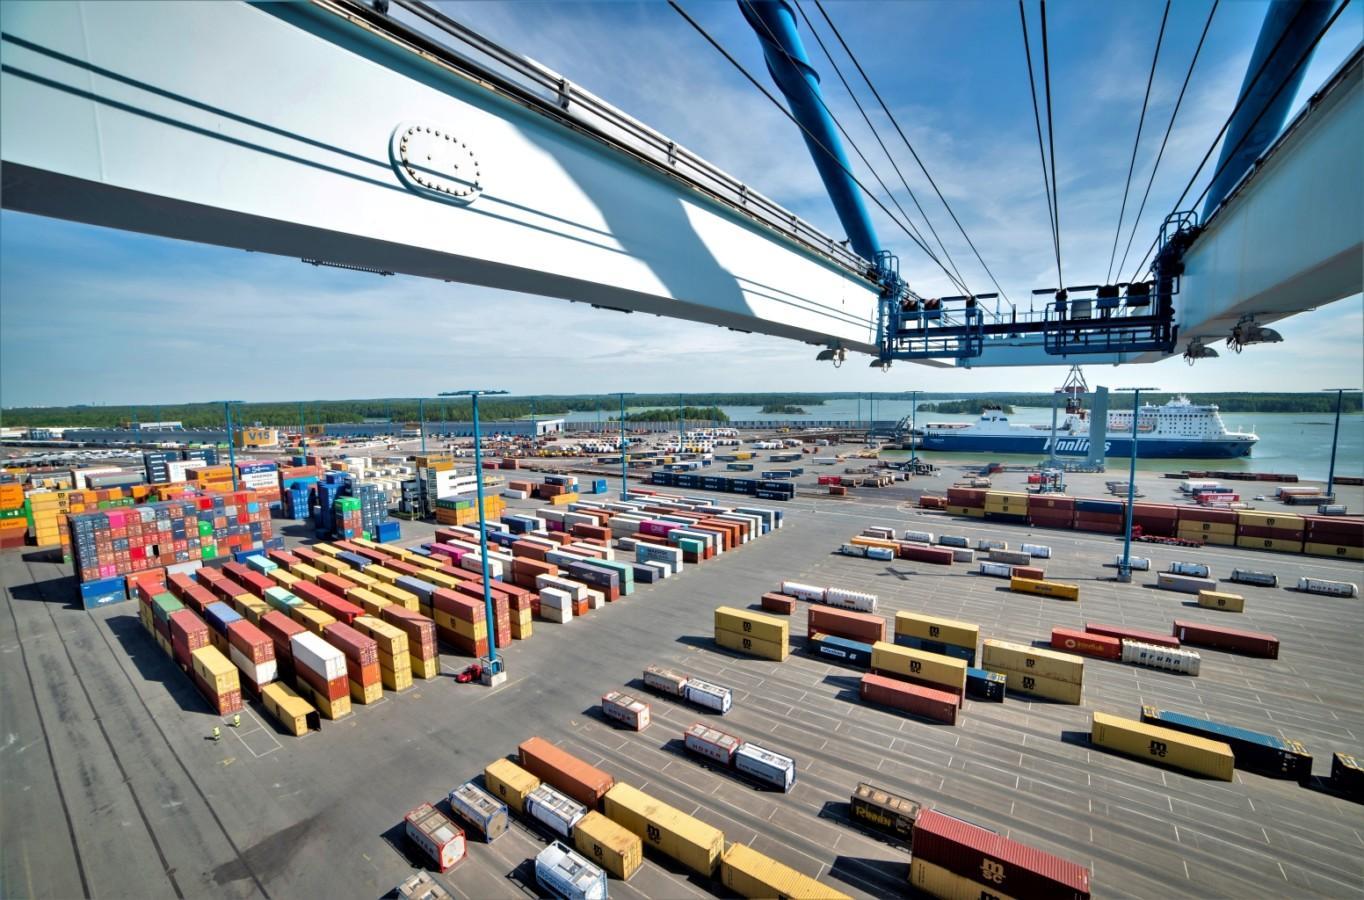 Vuosaaren sataman konttikenttää. Kuva: Helsingin Satama/Sanna Liimatainen